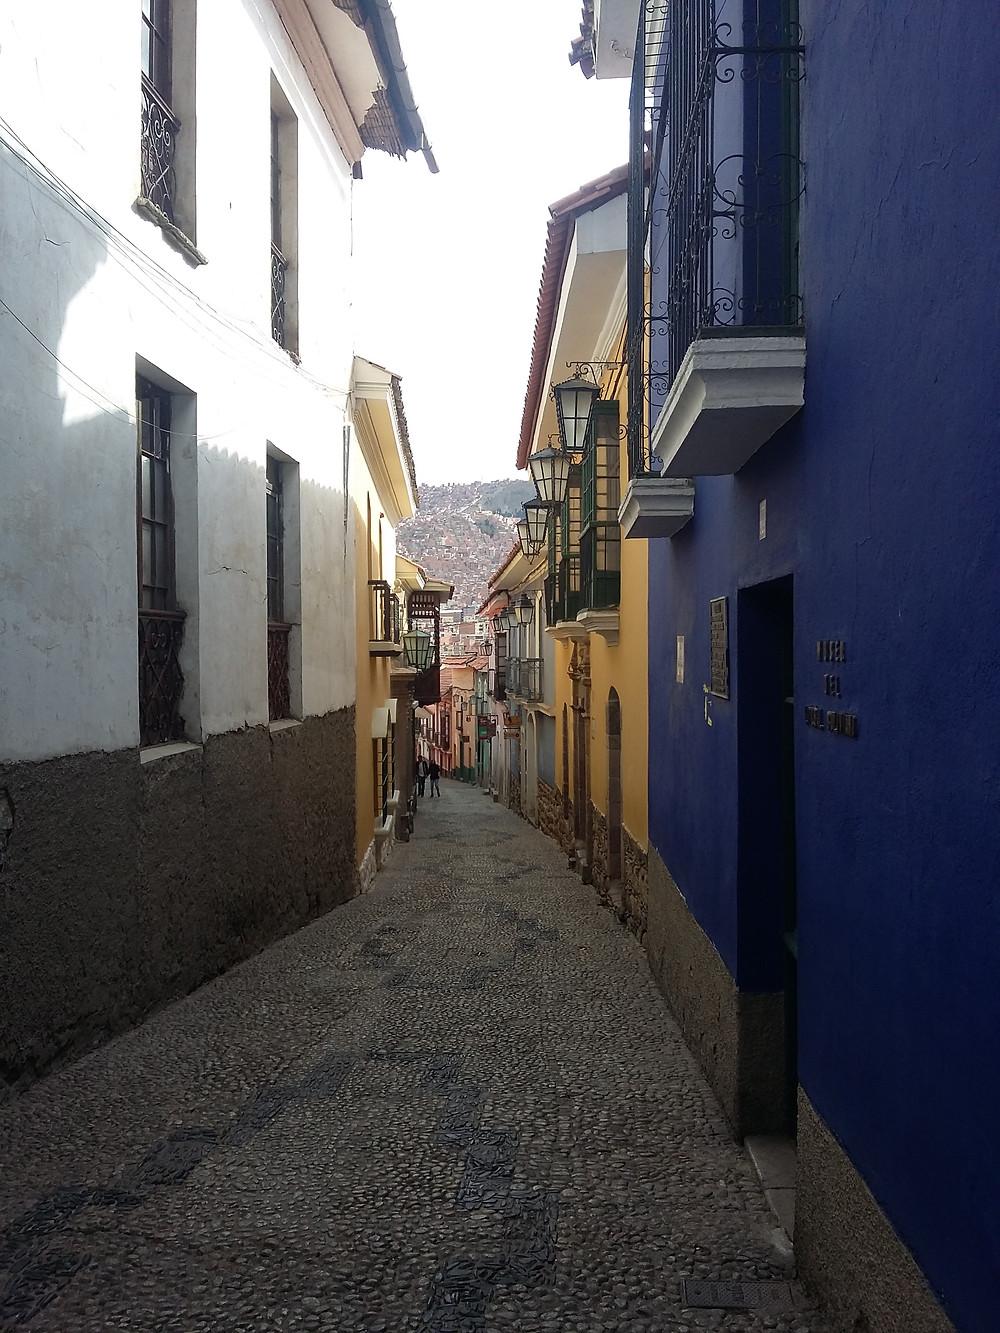 Calle La Jáen - La Paz